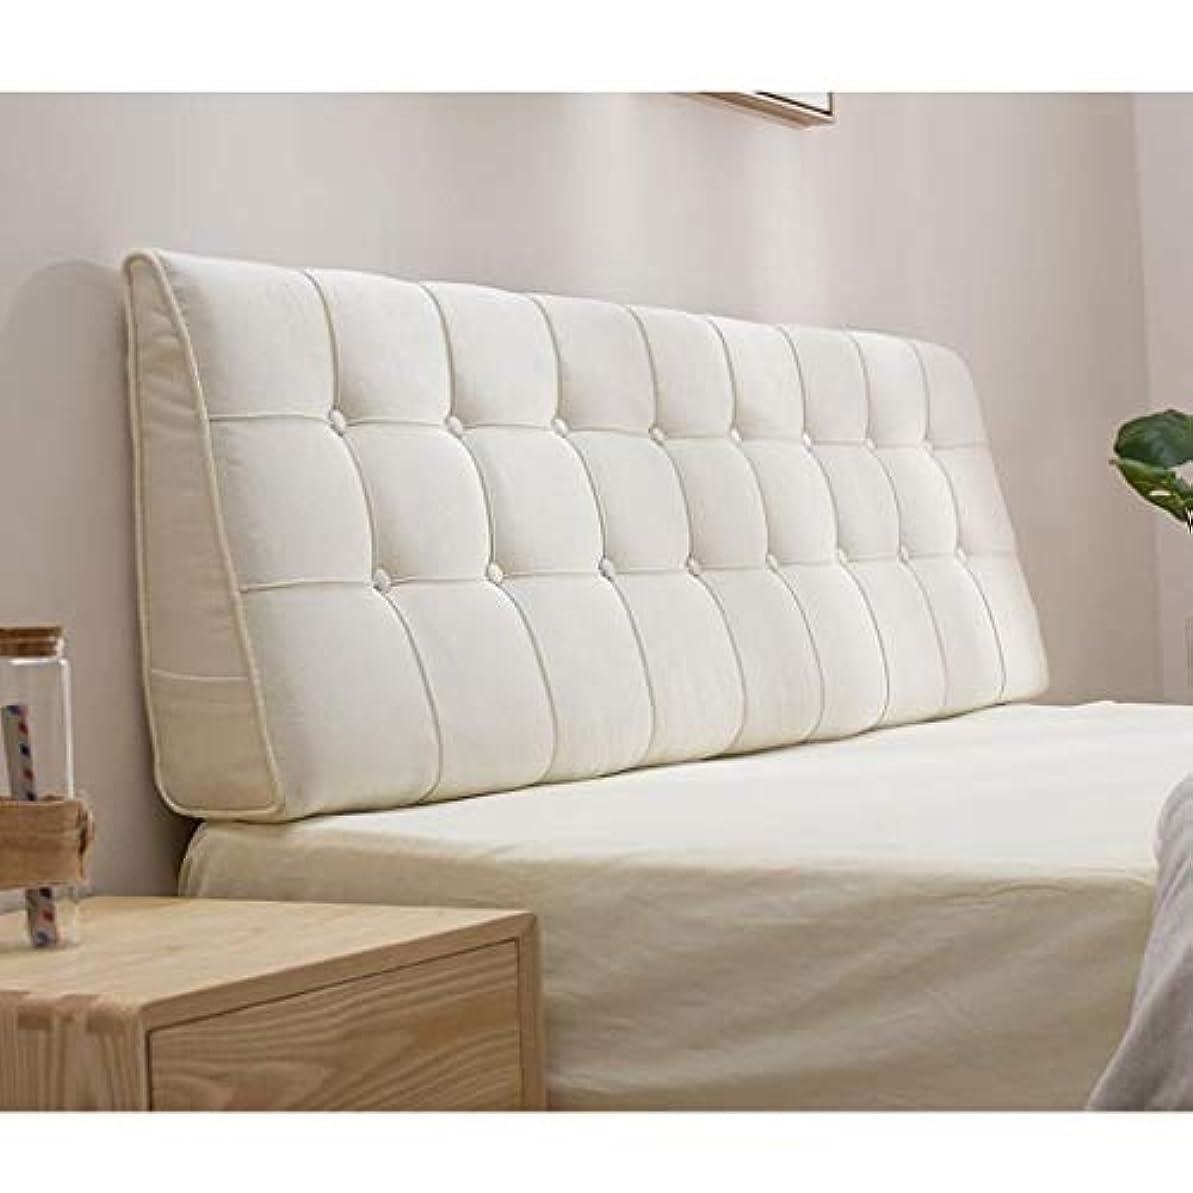 用心アミューズ話をするあと振れ止めの枕ダブルベッドのスポンジの大きいあと振れ止めの取り外し可能および洗える Zsetop (Color : B, Size : 150*50cm)